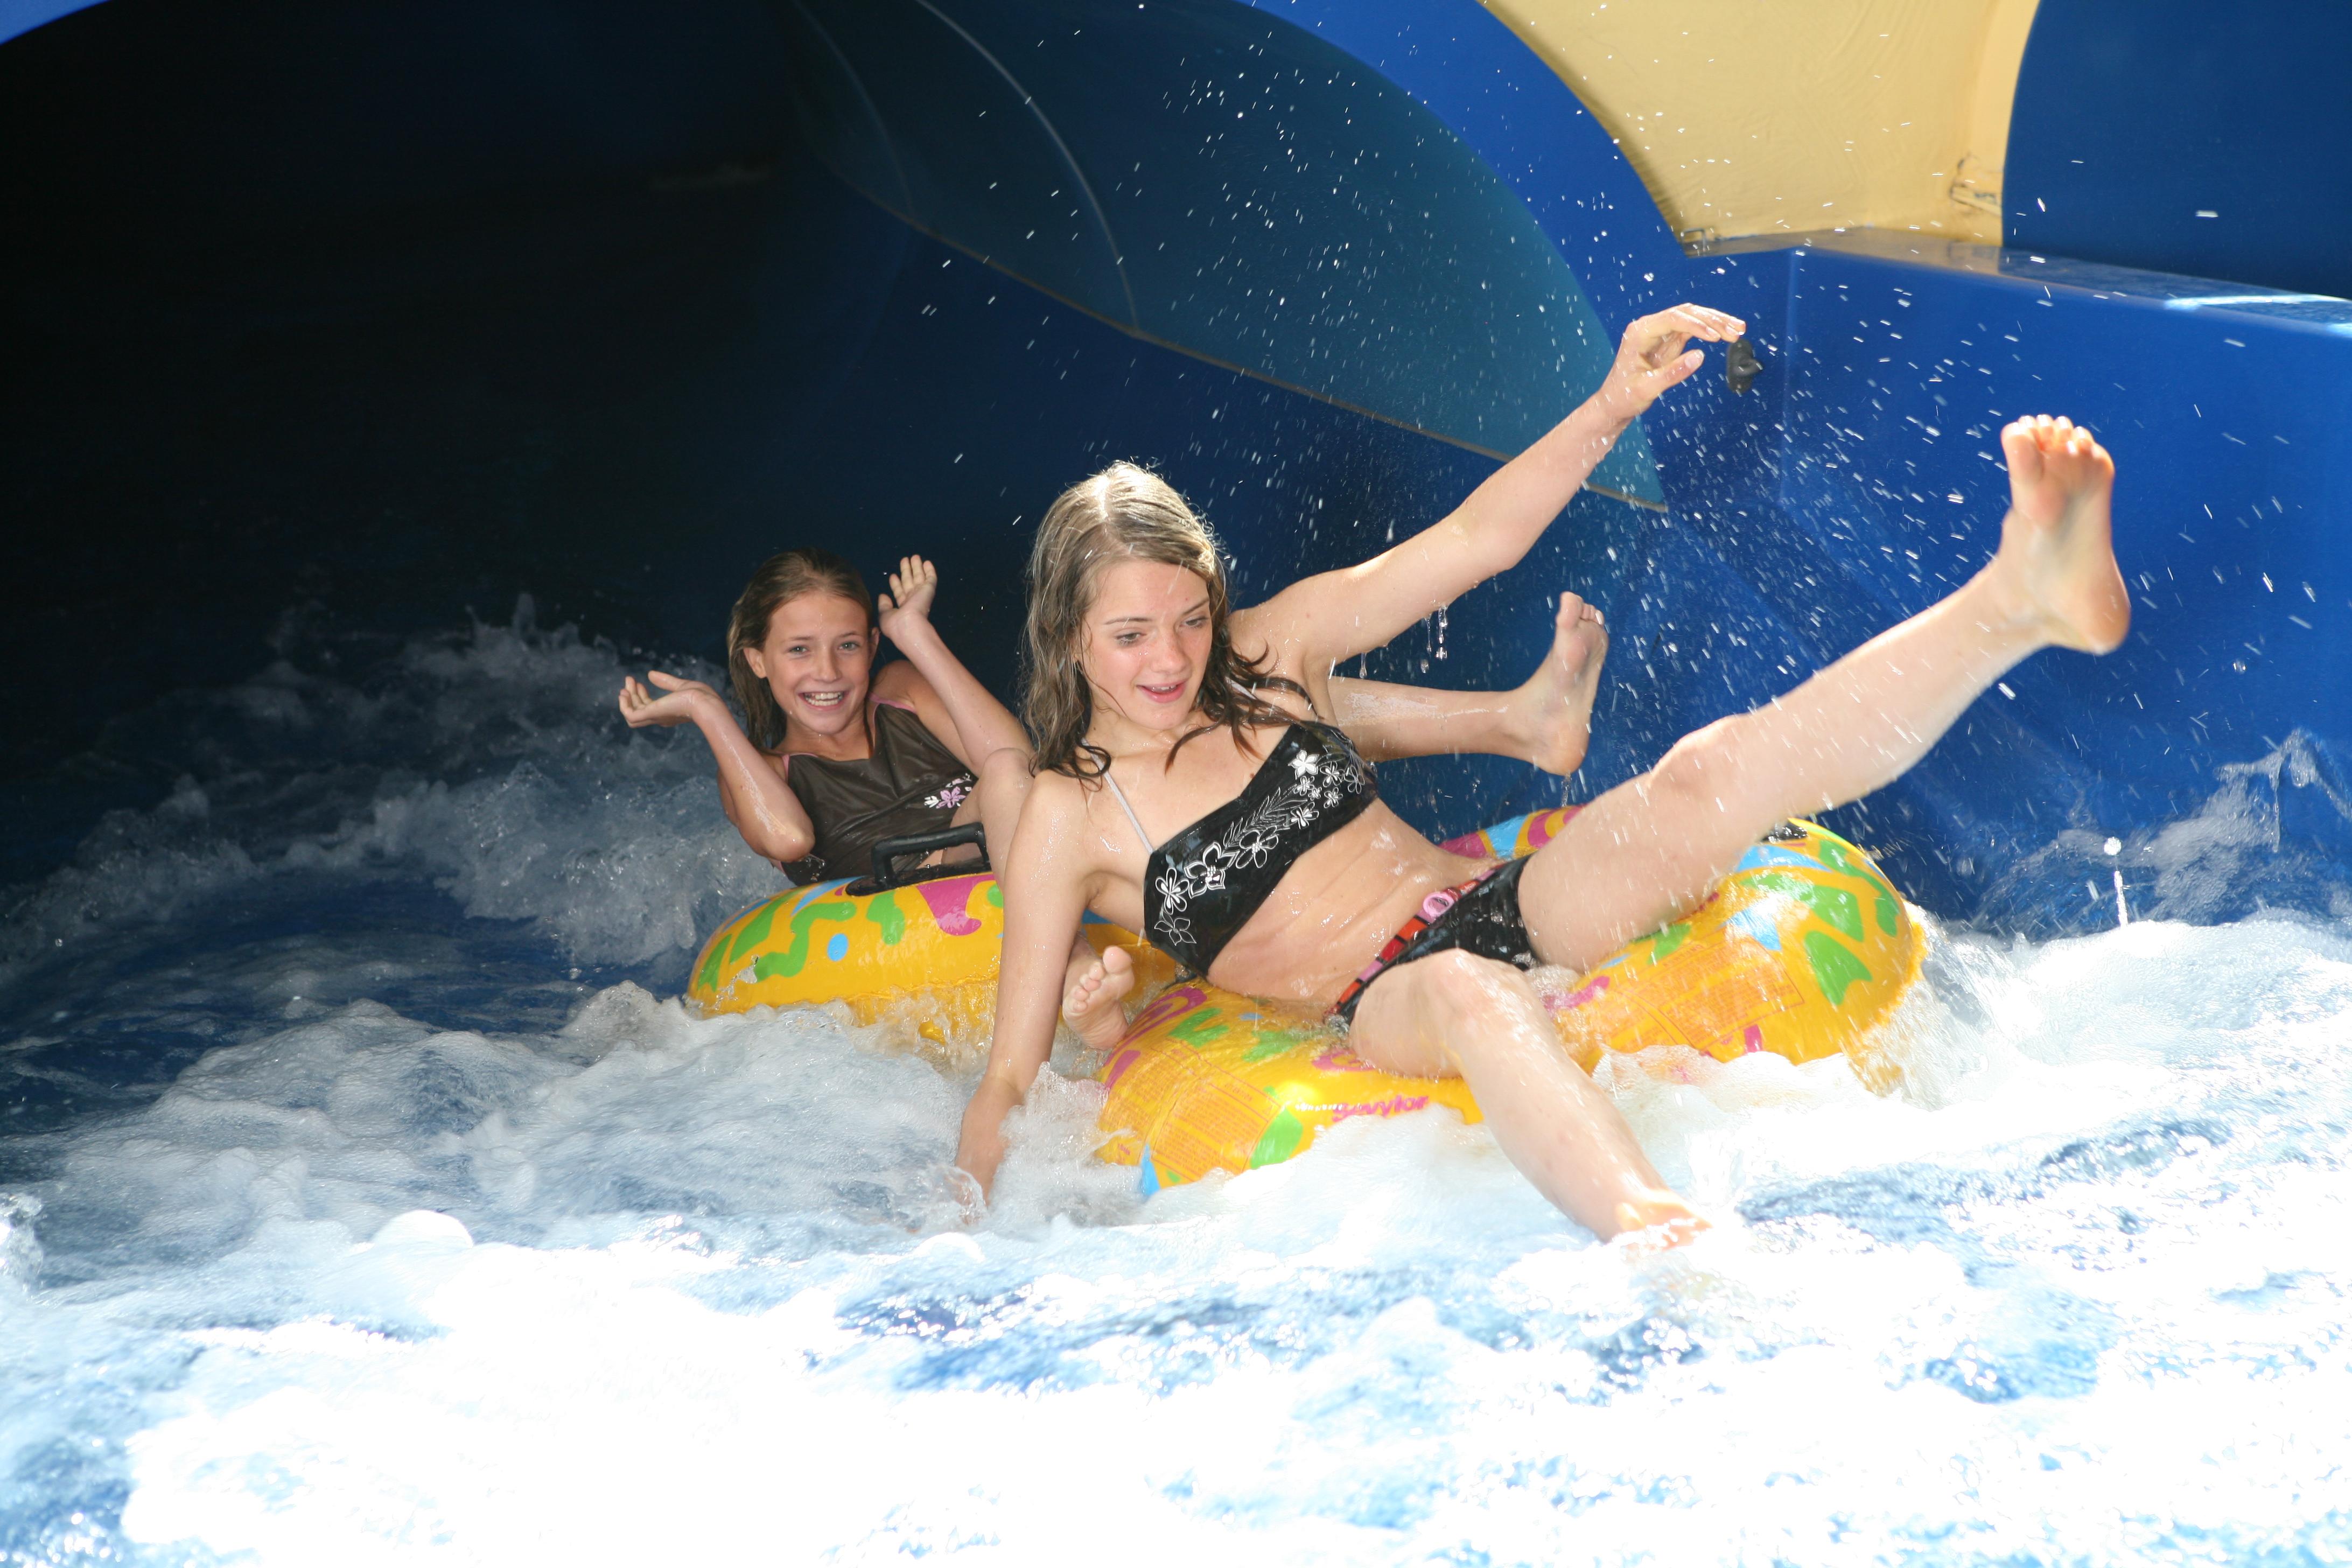 Hasseröder Ferienpark in Wernigerode - Superrutsche